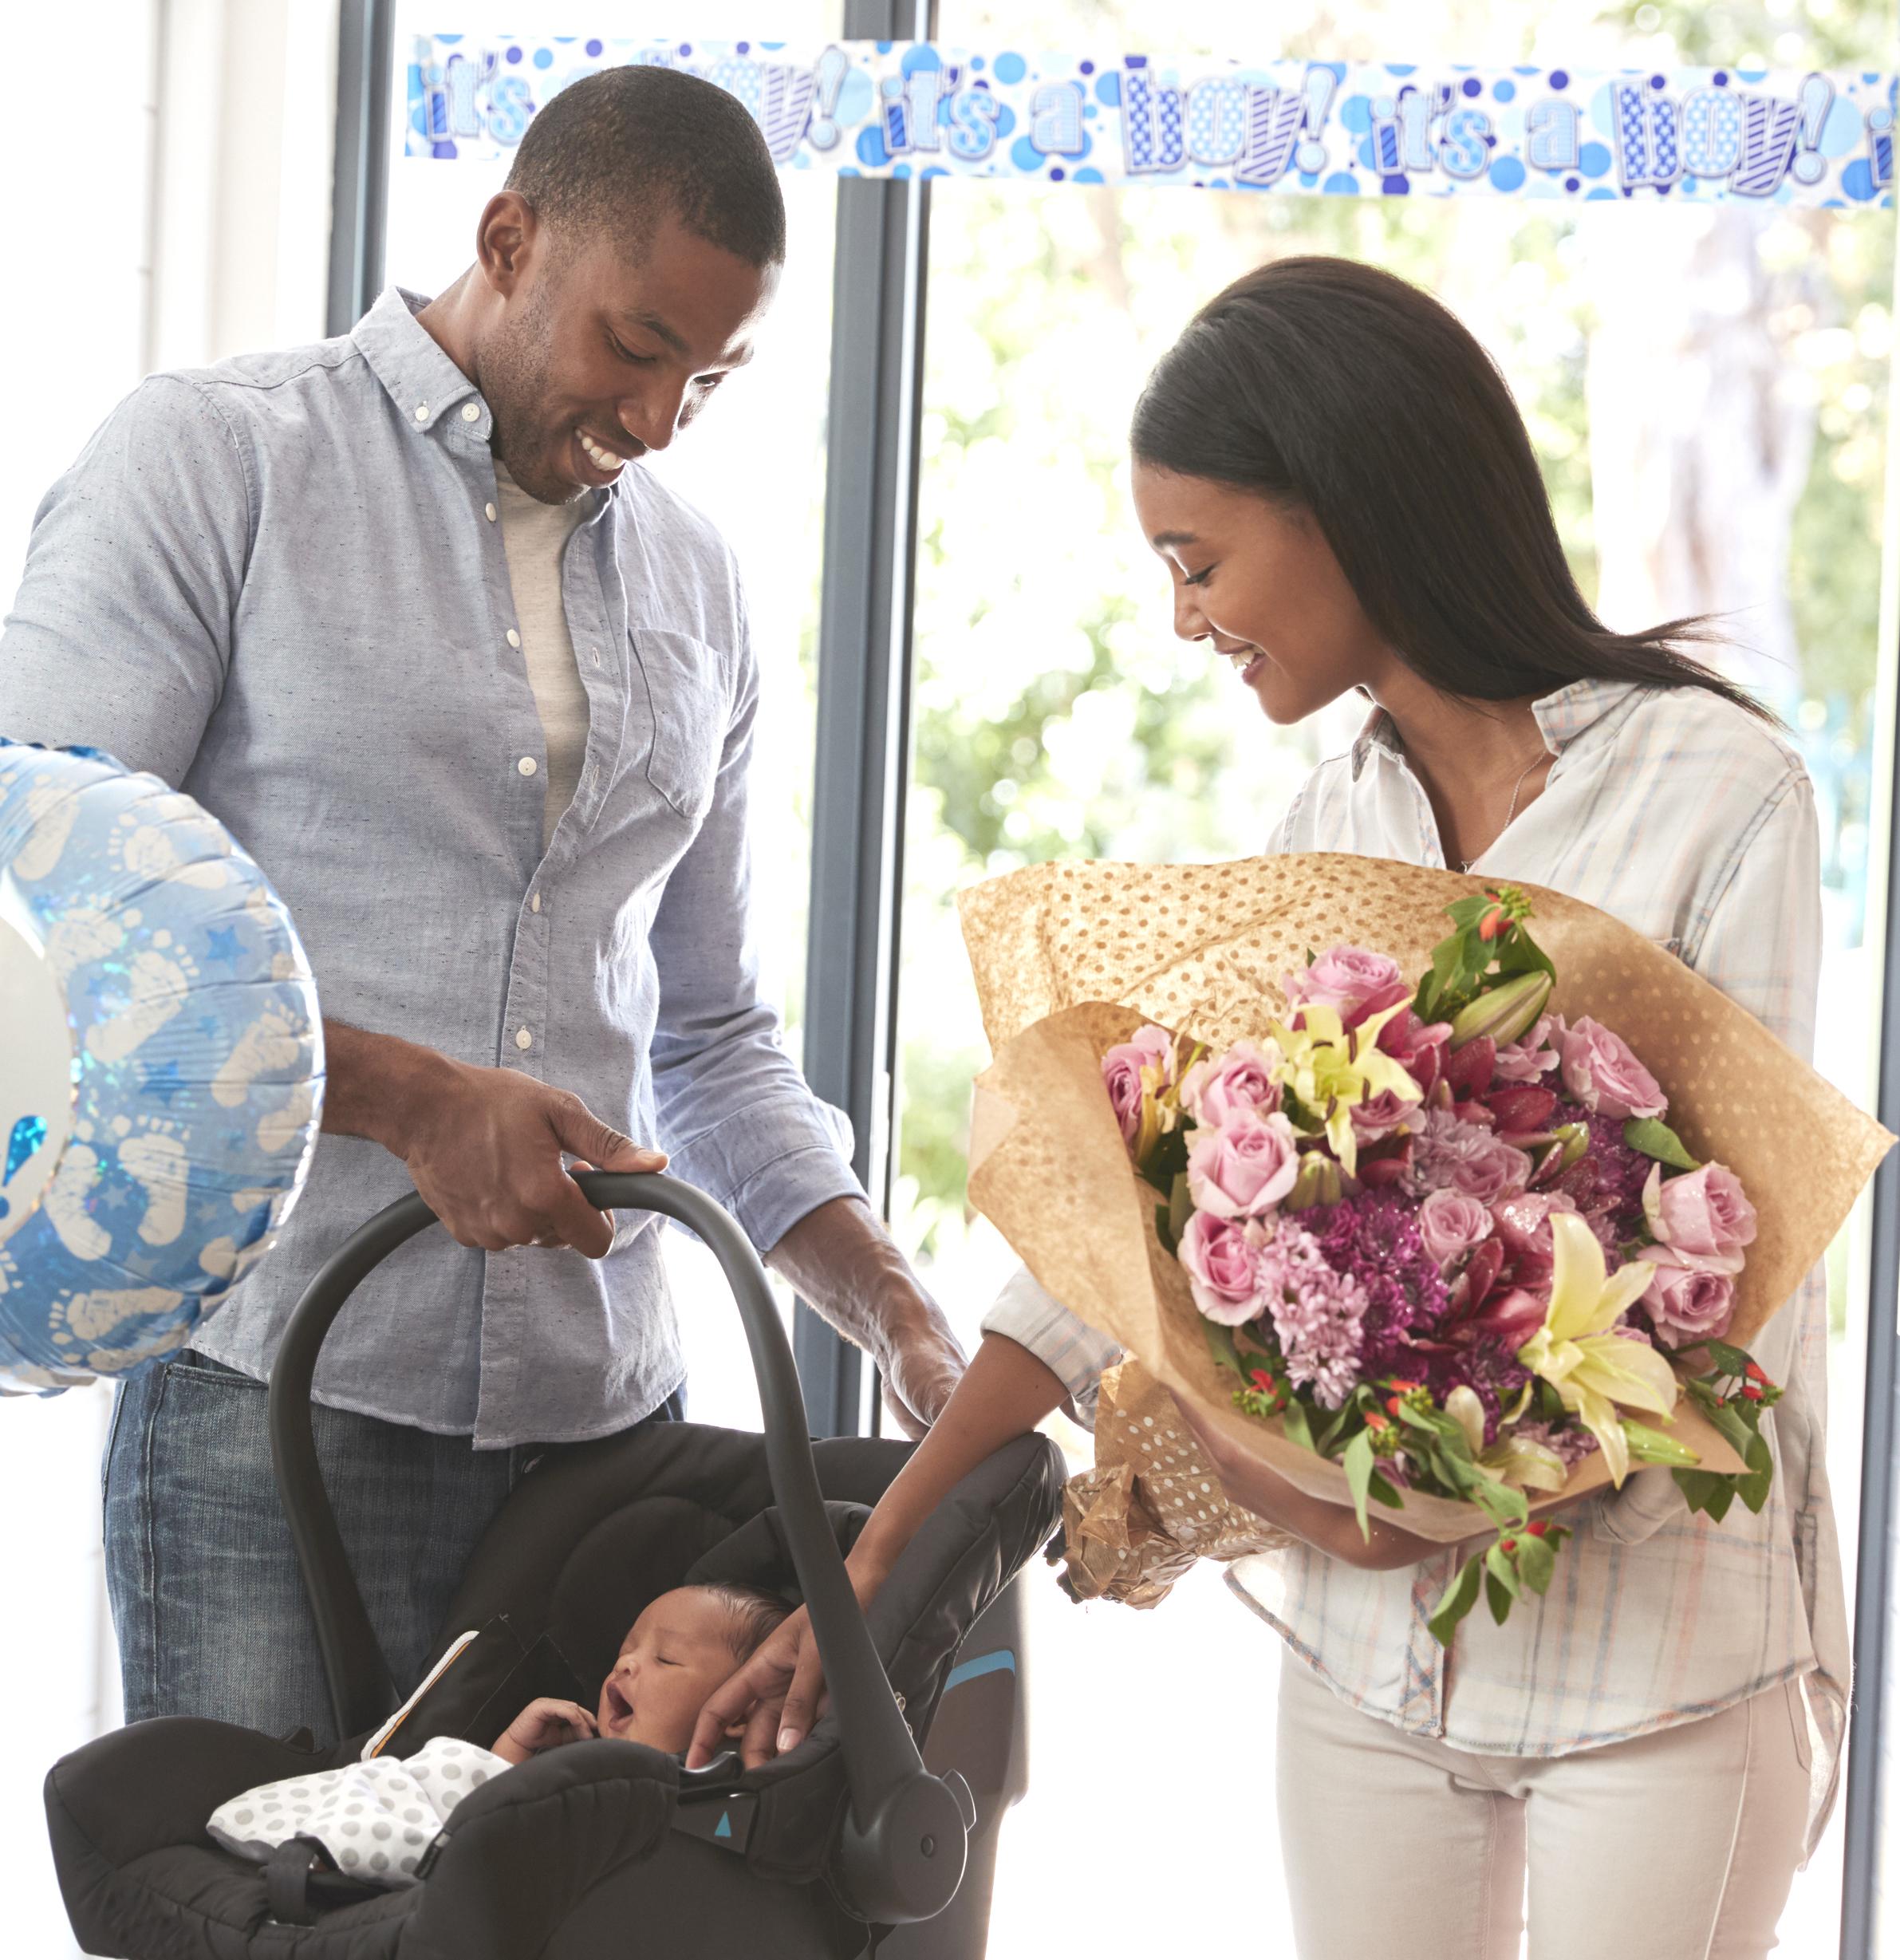 Conseils retour de la maternité : pleurs de bébé pas de panique ! Conseils retour de la maternité : pleurs de bébé pas de panique !